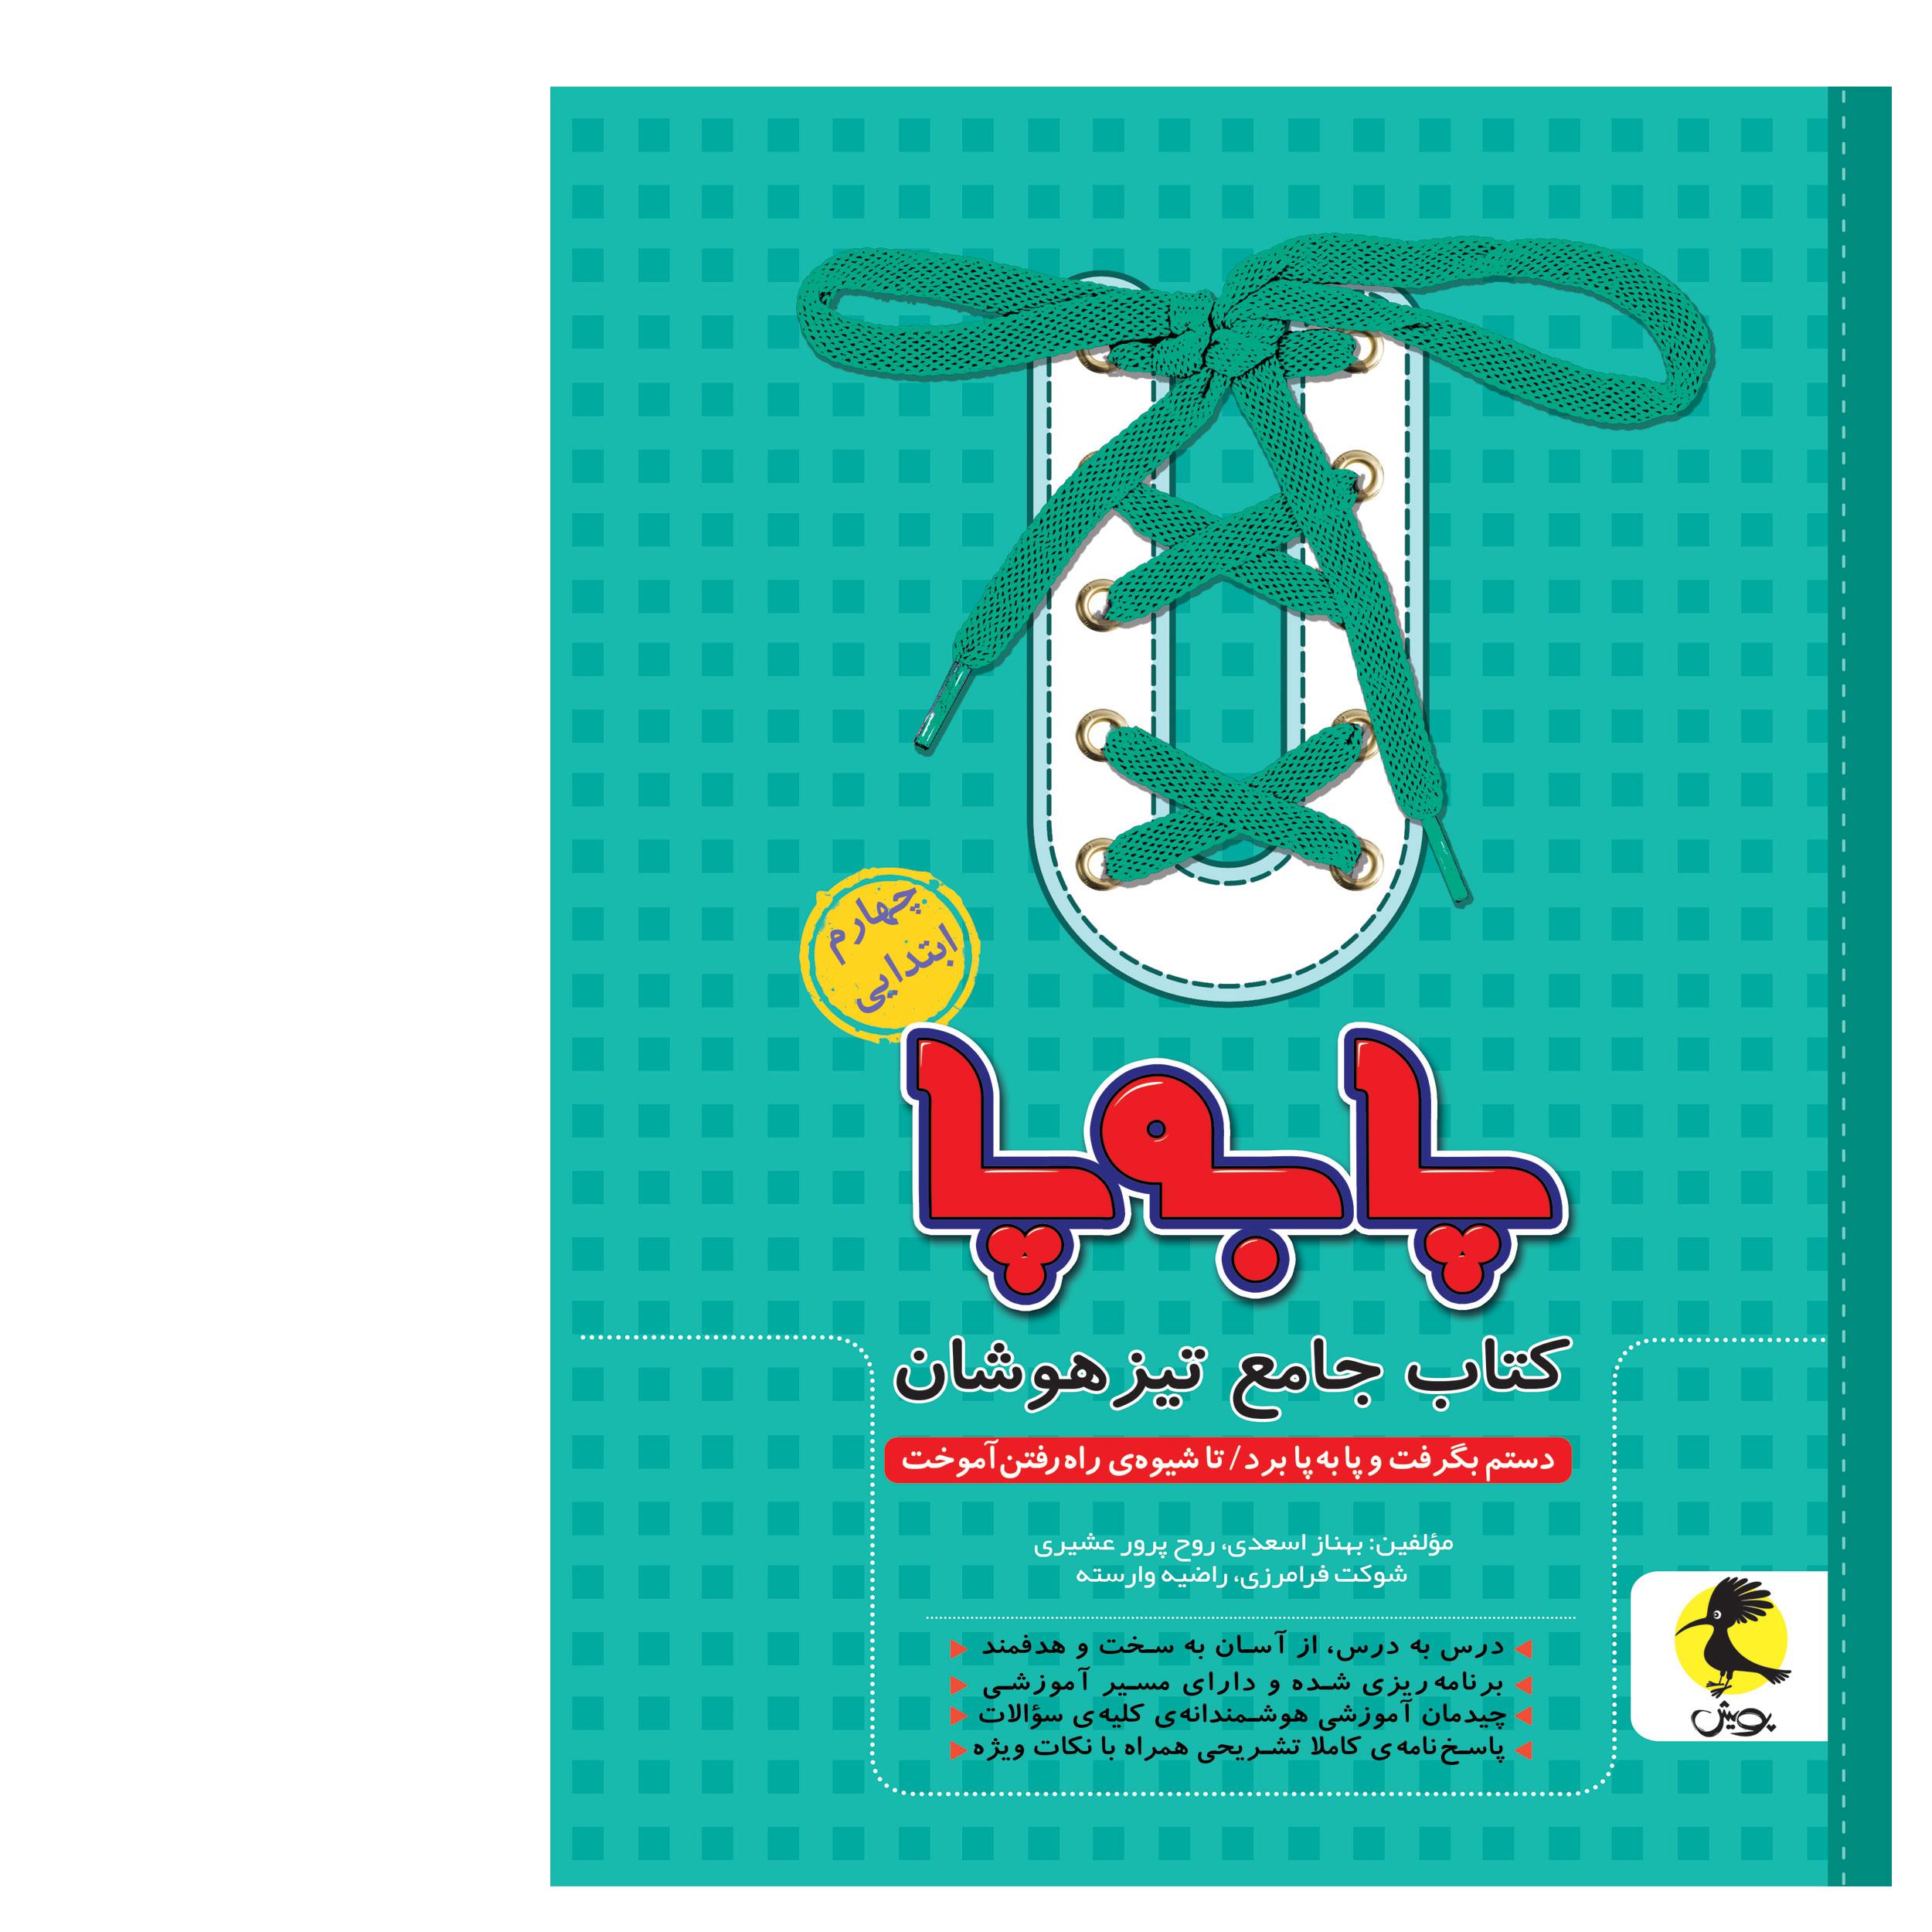 خرید                      کتاب جامع تیزهوشان پا به پای چهارم ابتدایی اثر جمعی از نویسندگان انتشارات پویش